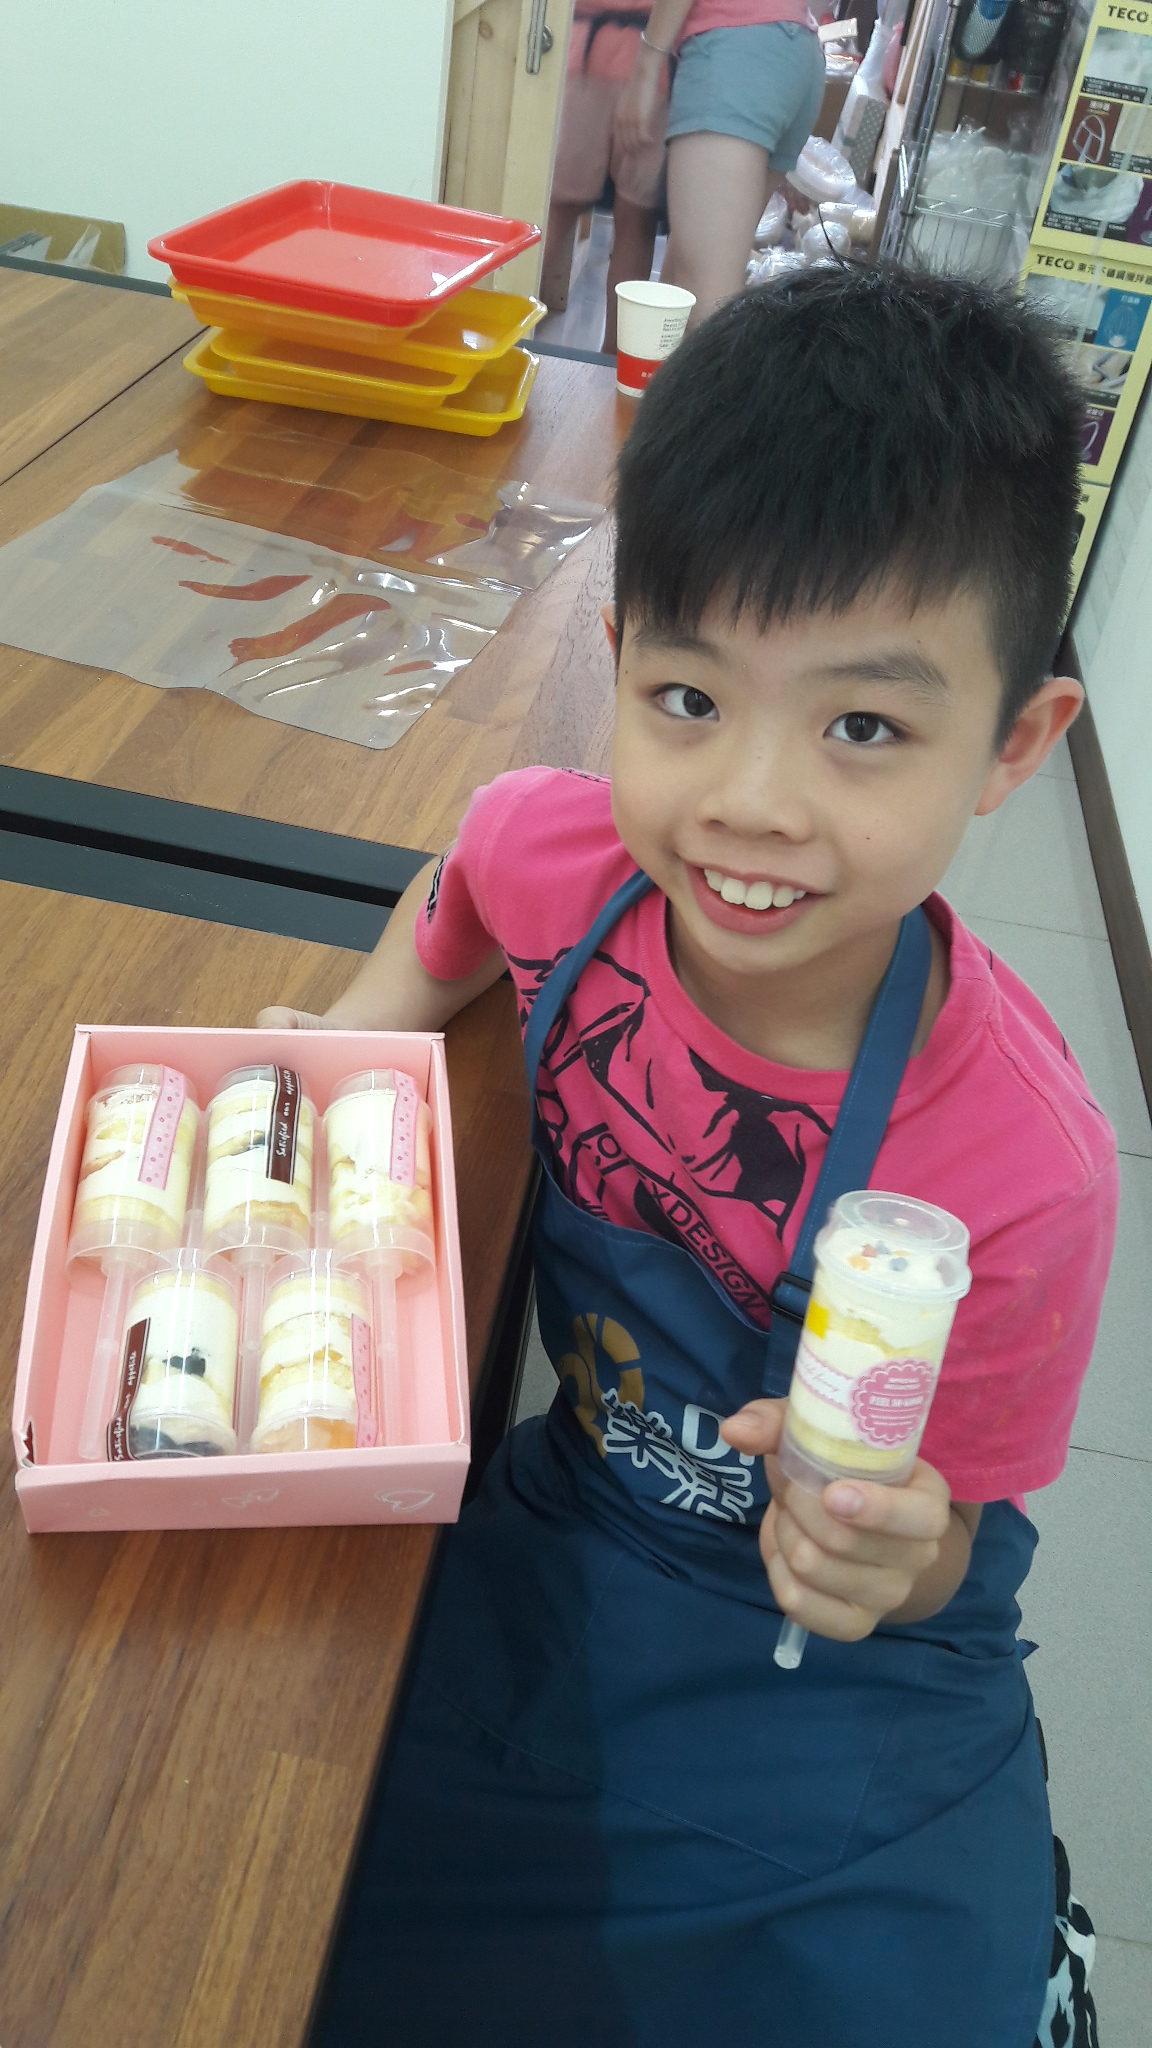 2017/07/12 兒童烘焙班 蛋糕推推筒DIY課程  -課程紀事